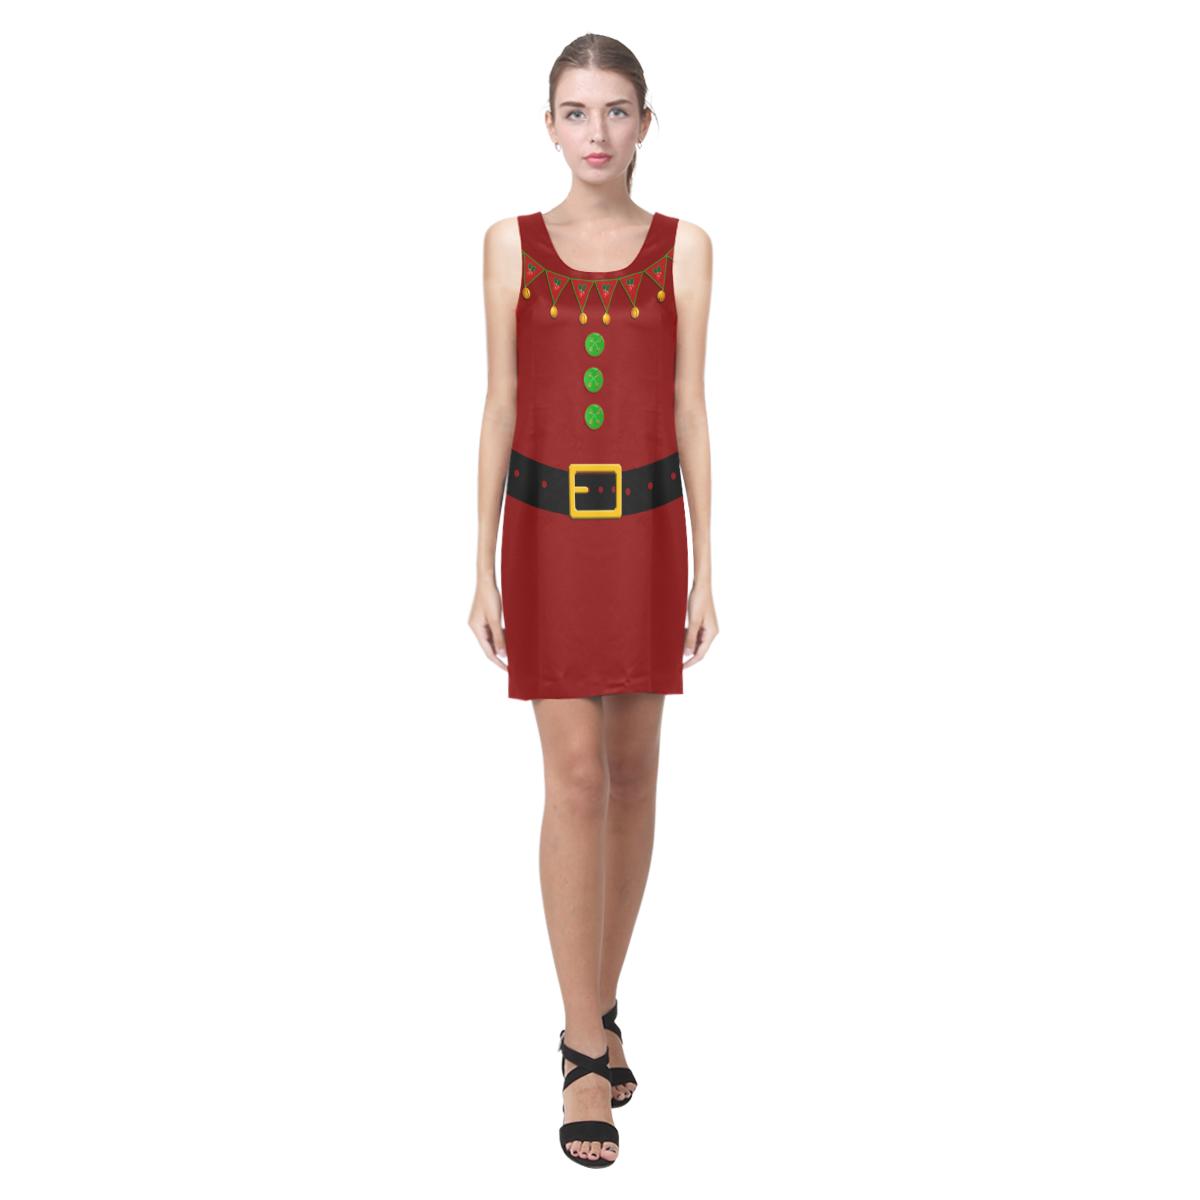 Christmas Elf - Santa's Helper - Red Suit